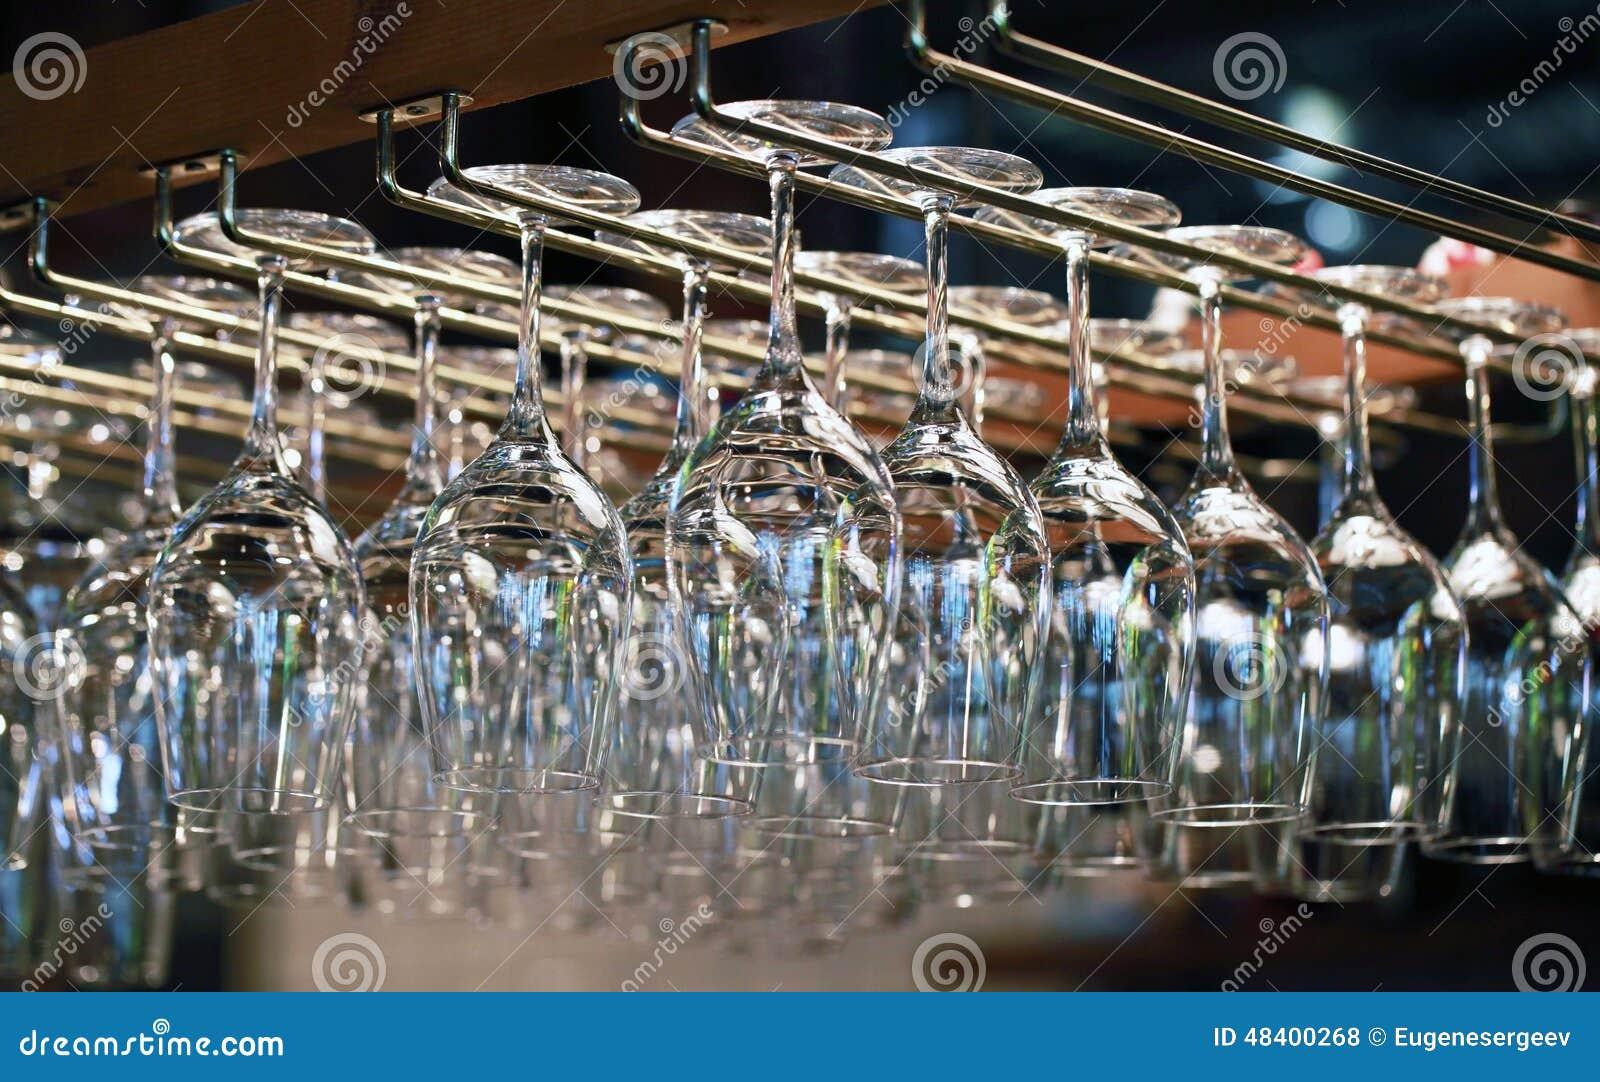 vele lege glazen voor een wijn die in de bar hangen stock foto afbeelding 48400268